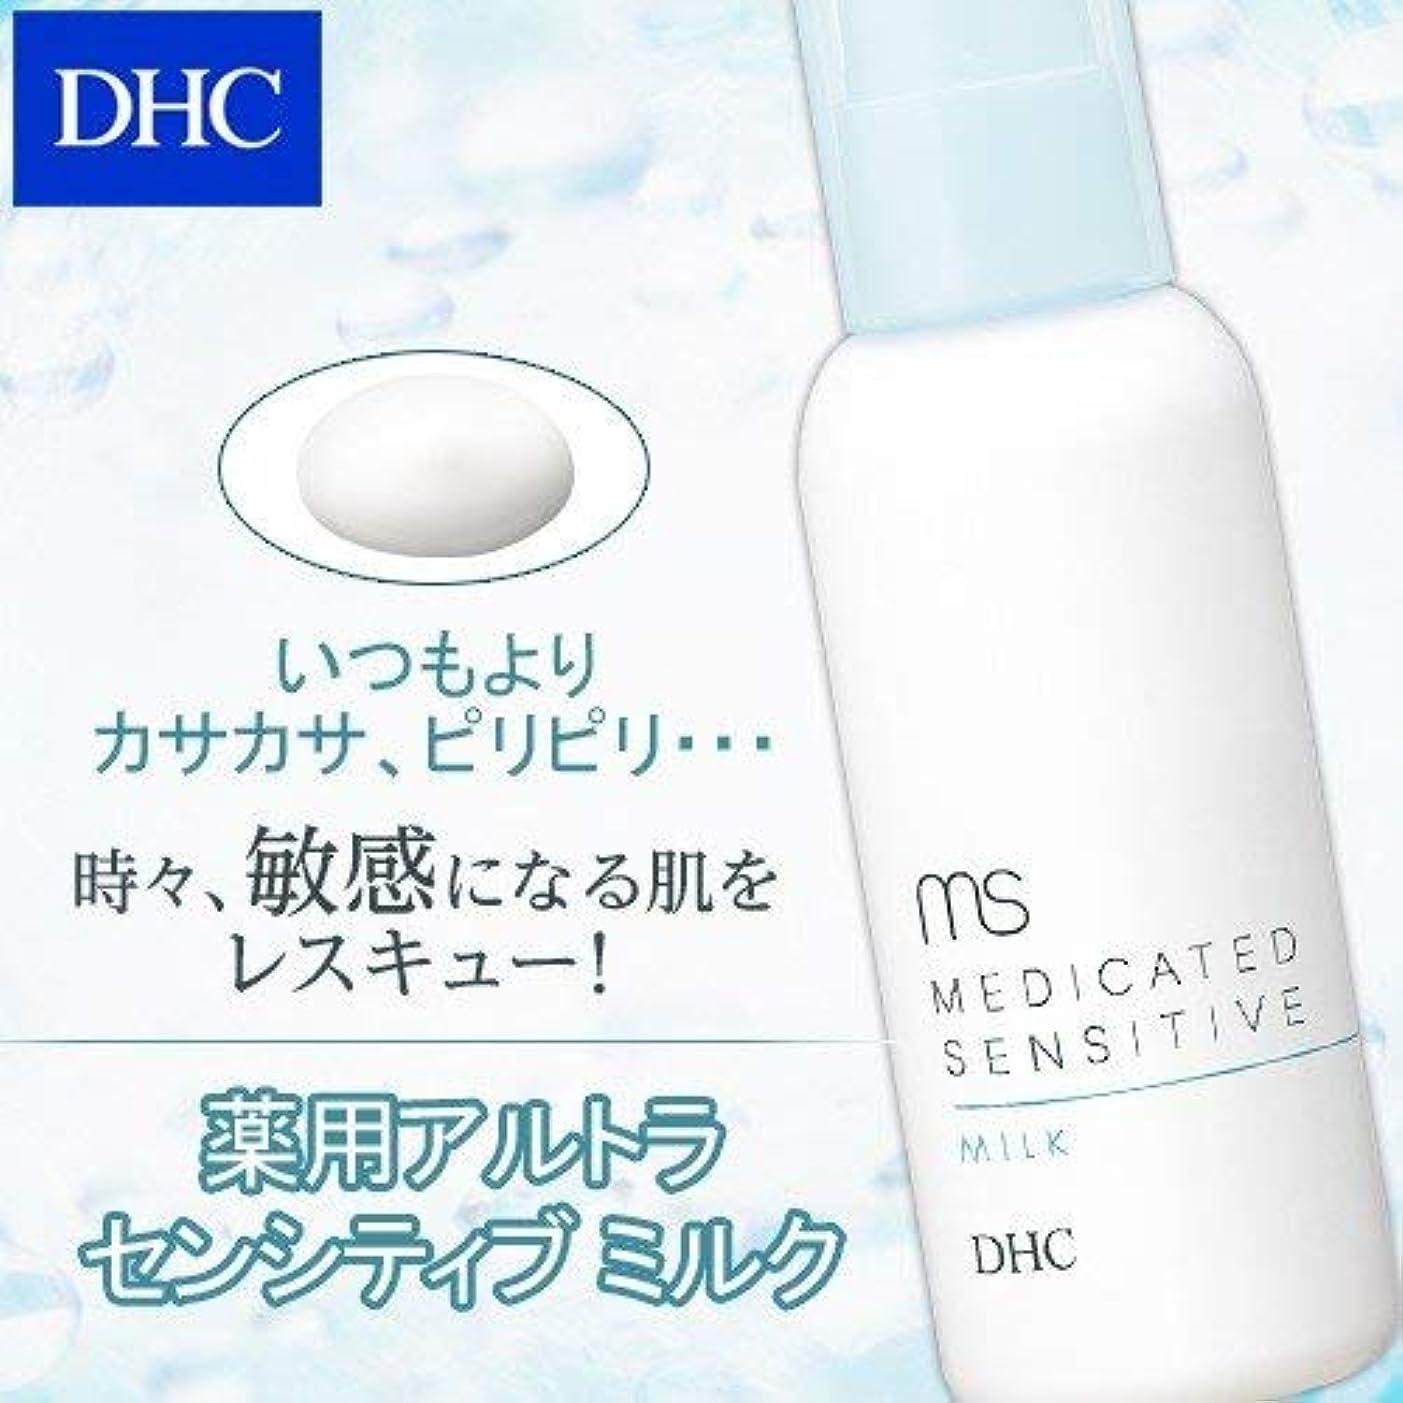 コストミルク安全なDHC薬用アルトラセンシティブ ミルク